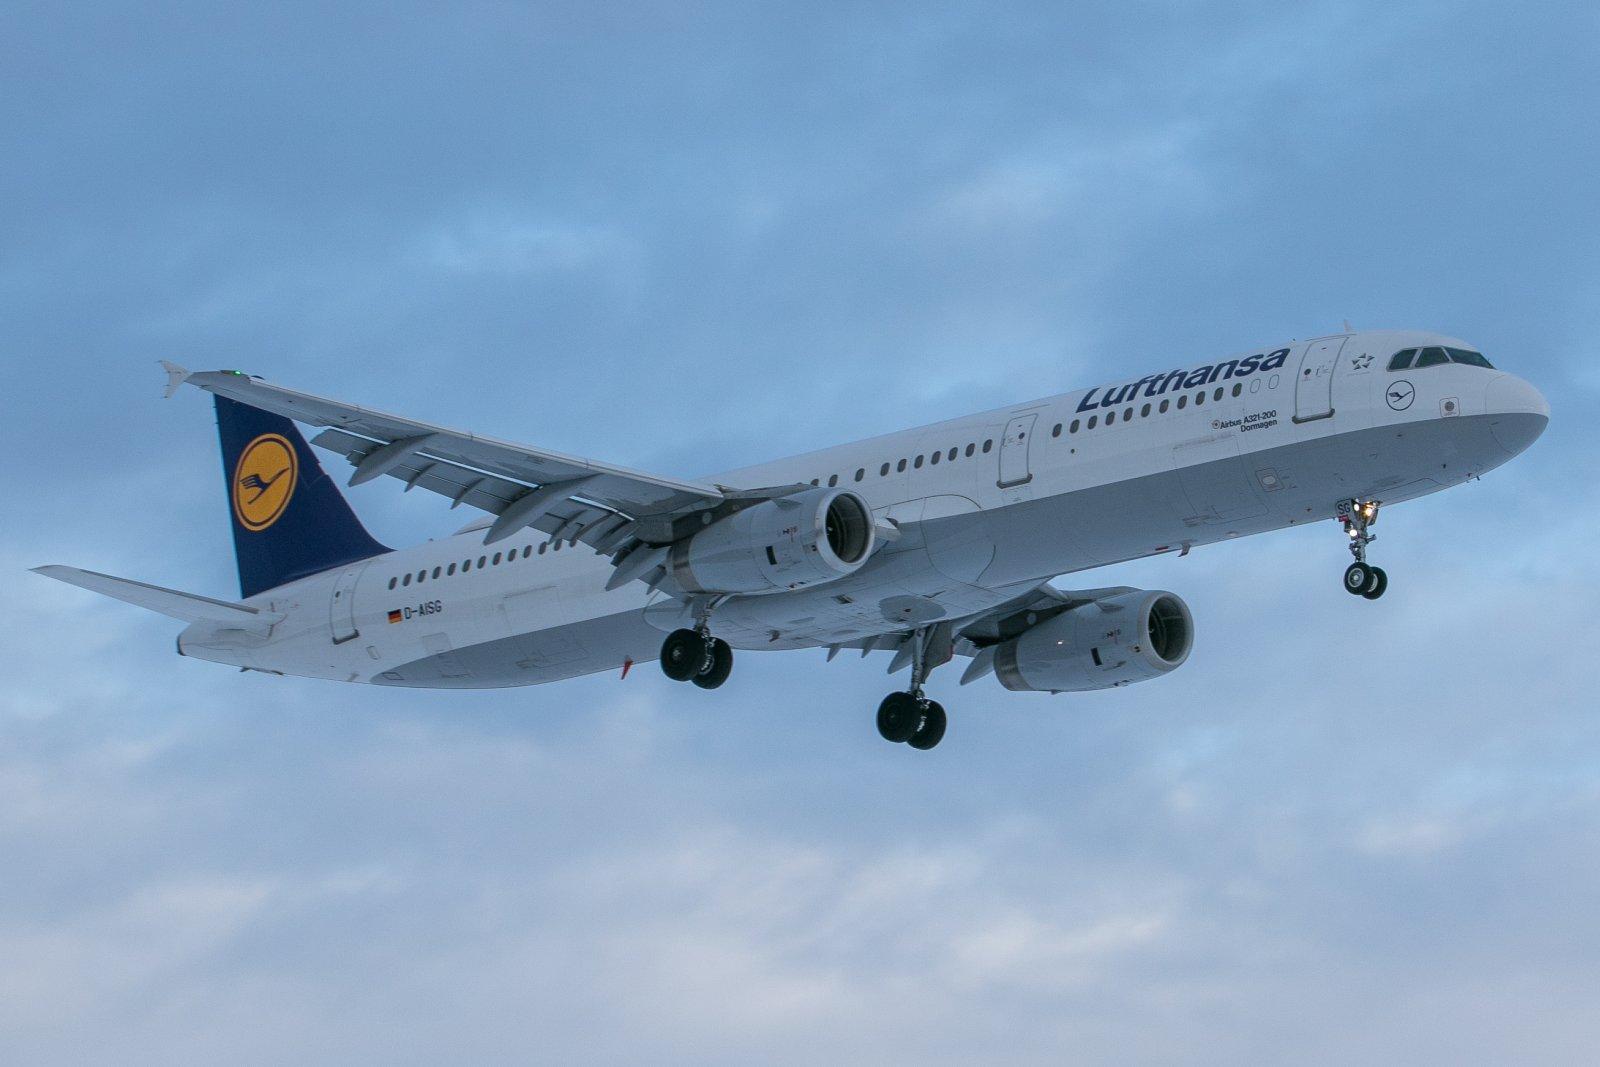 D-AISG. Kone tuli Frankfurtista noutamaan ulkomaalaiset pois Ivalosta.